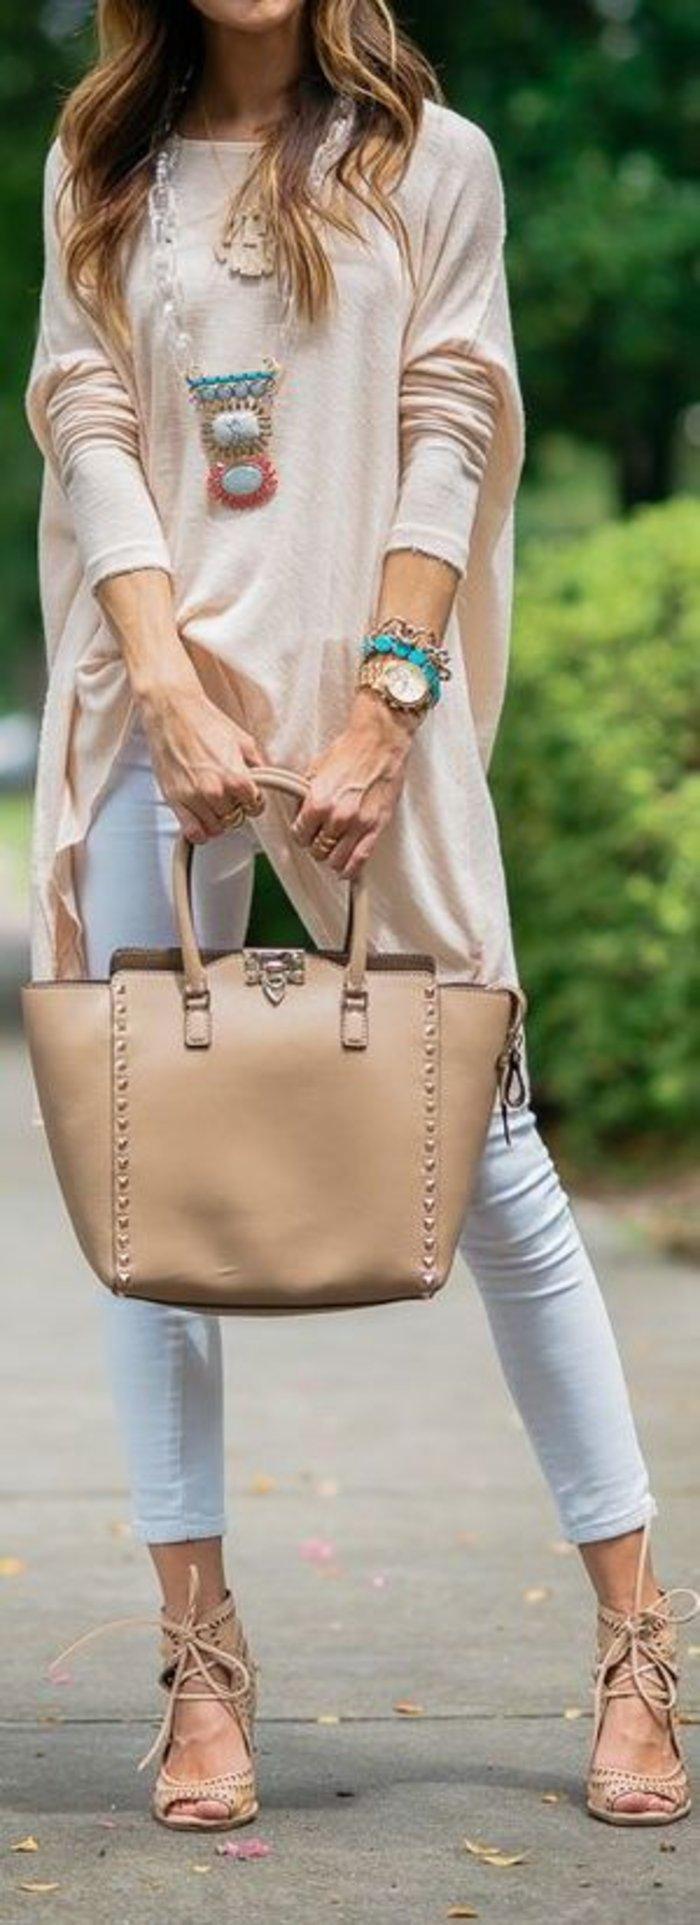 Skinny τζιν και oversized μπλούζα με ασύμμετρα τελειώματα. Τα έντονα αξεσουάρ δίνουν όγκο στο ντύσιμο.